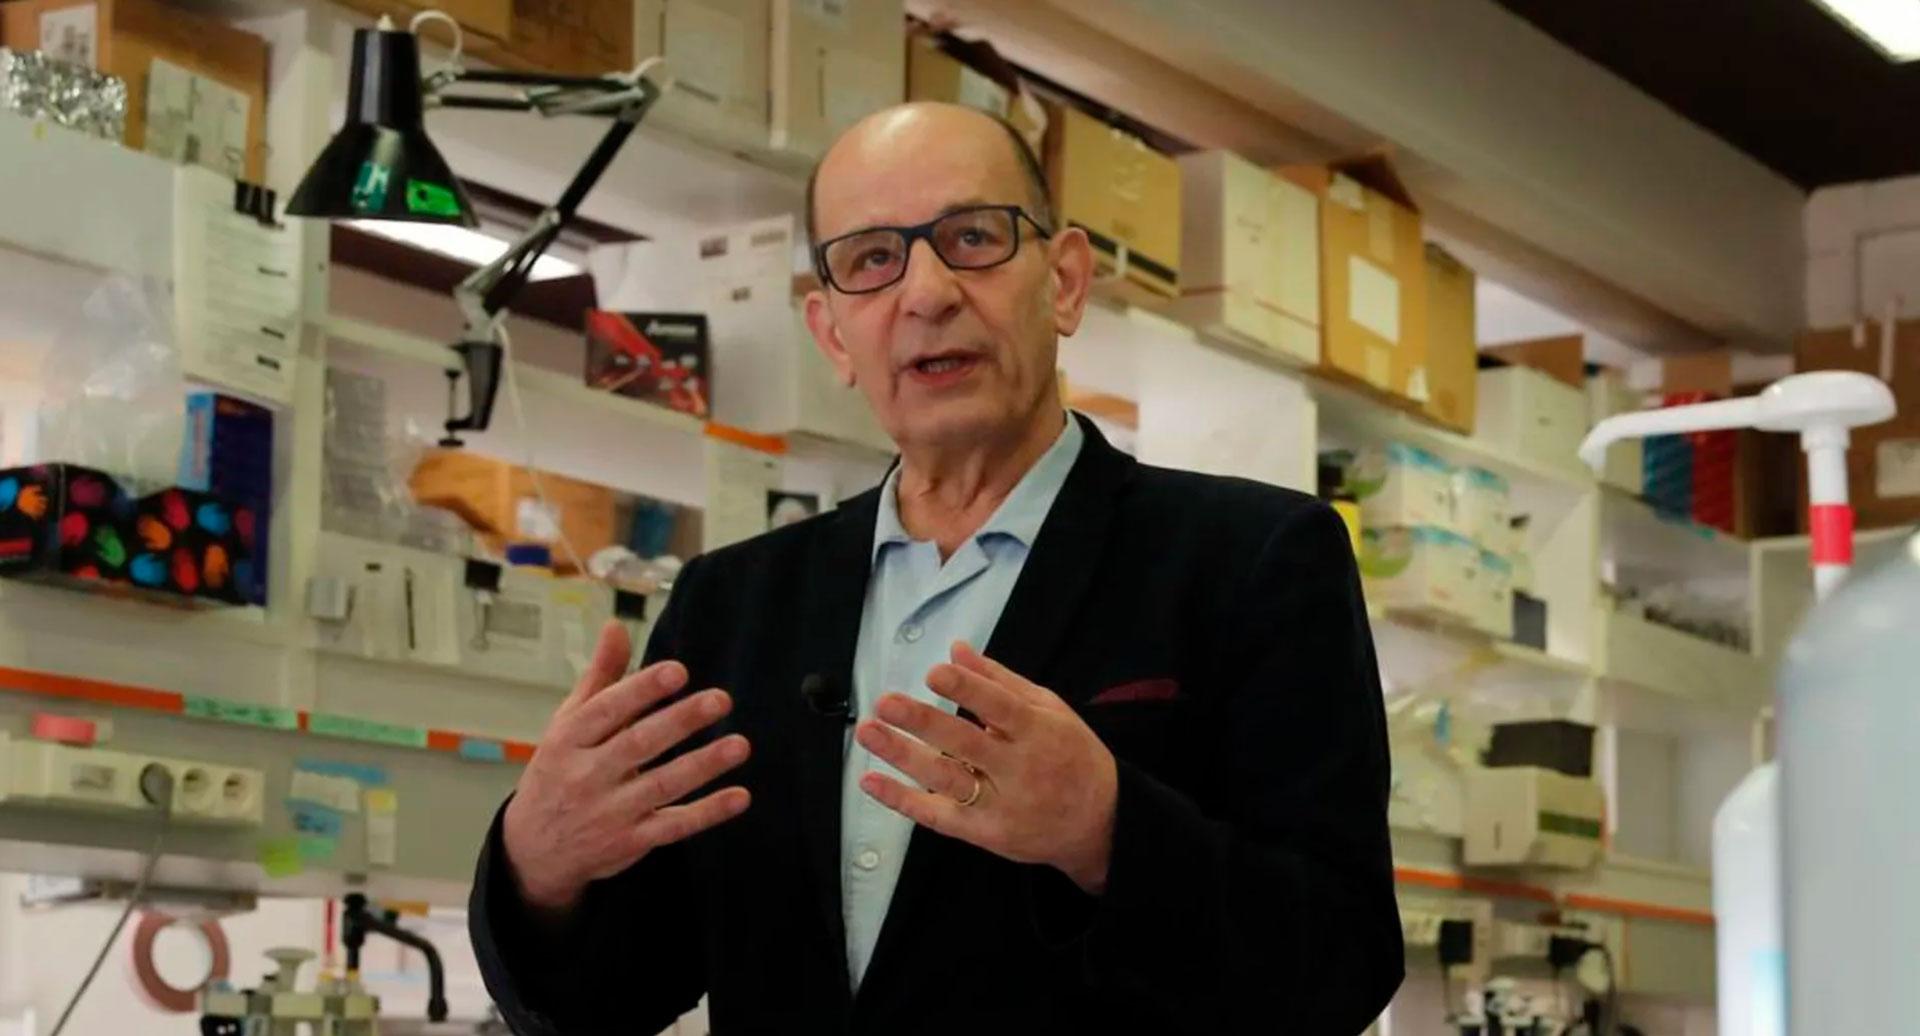 האיש שיכול להציל את העולם- הכירו את החוקר שמפתח חיסון לקורונה